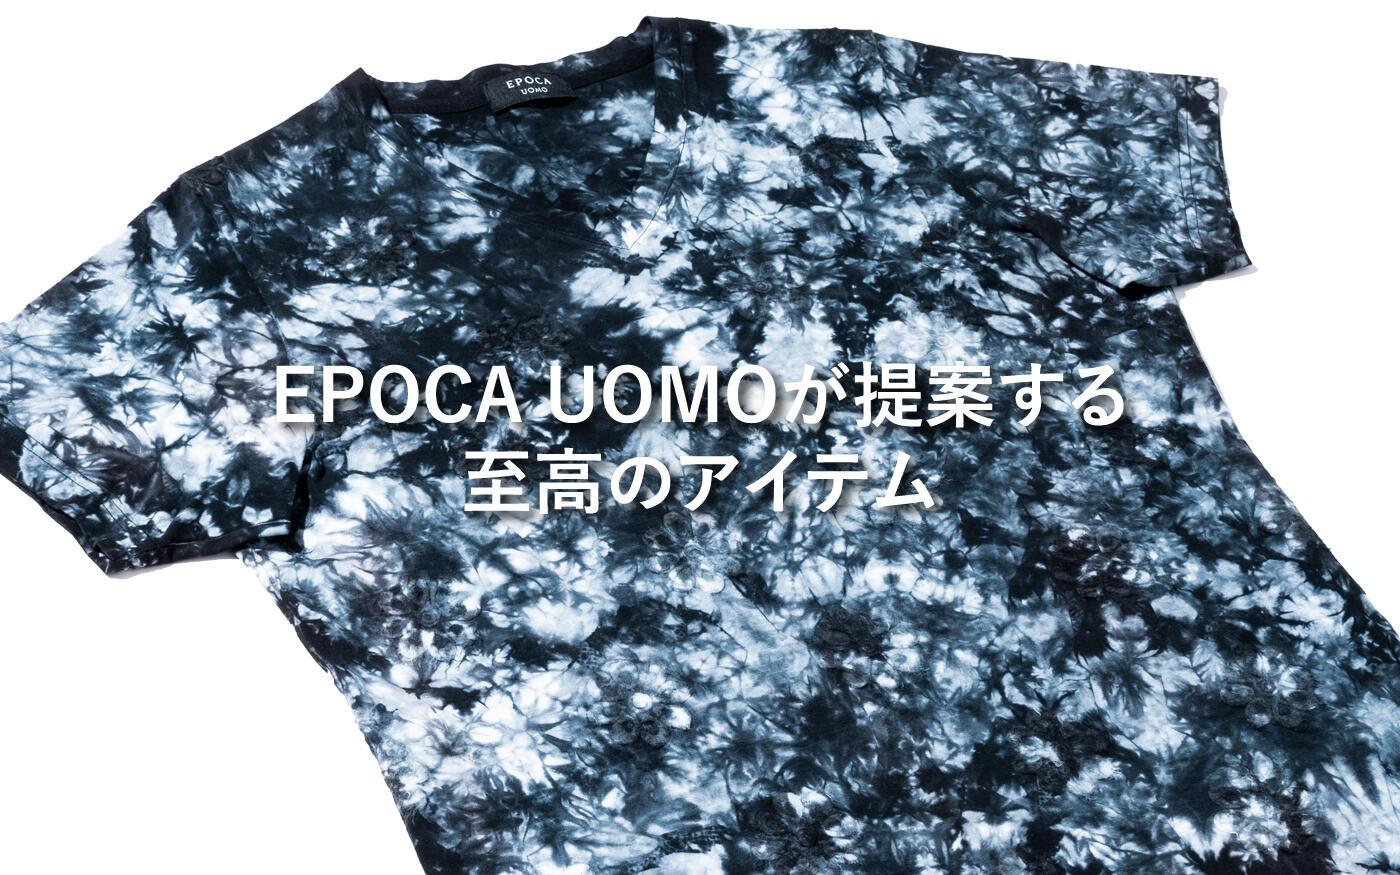 EPOCA UOMOが提案する至高のアイテム